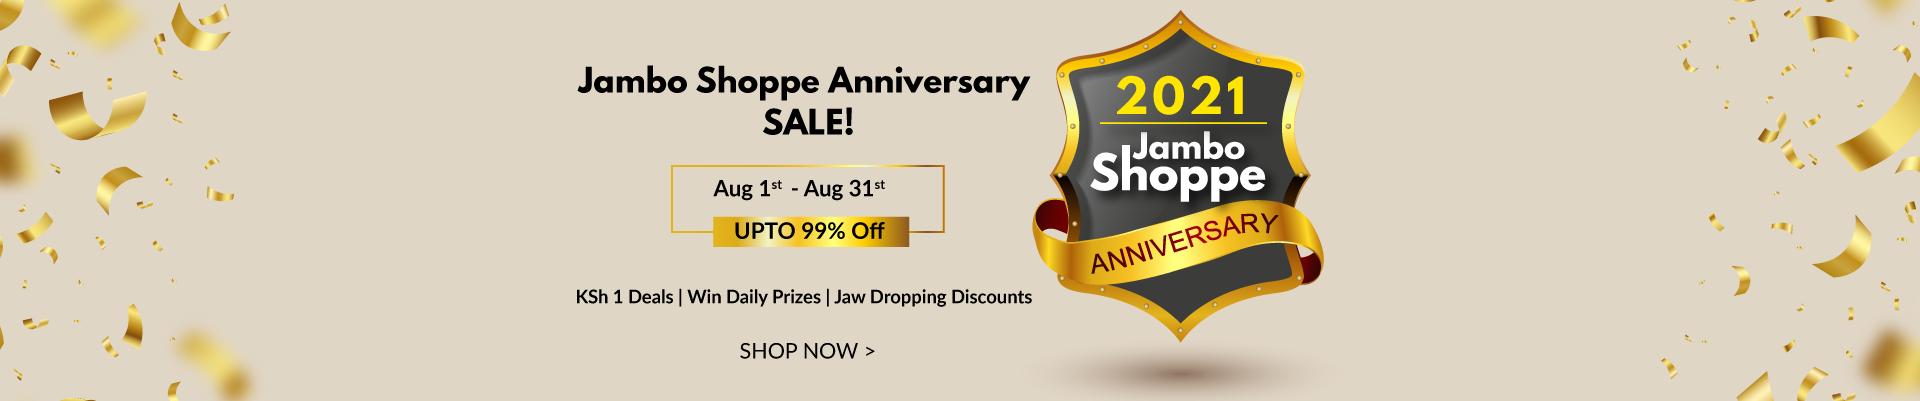 Jambo Shoppe Anniversary